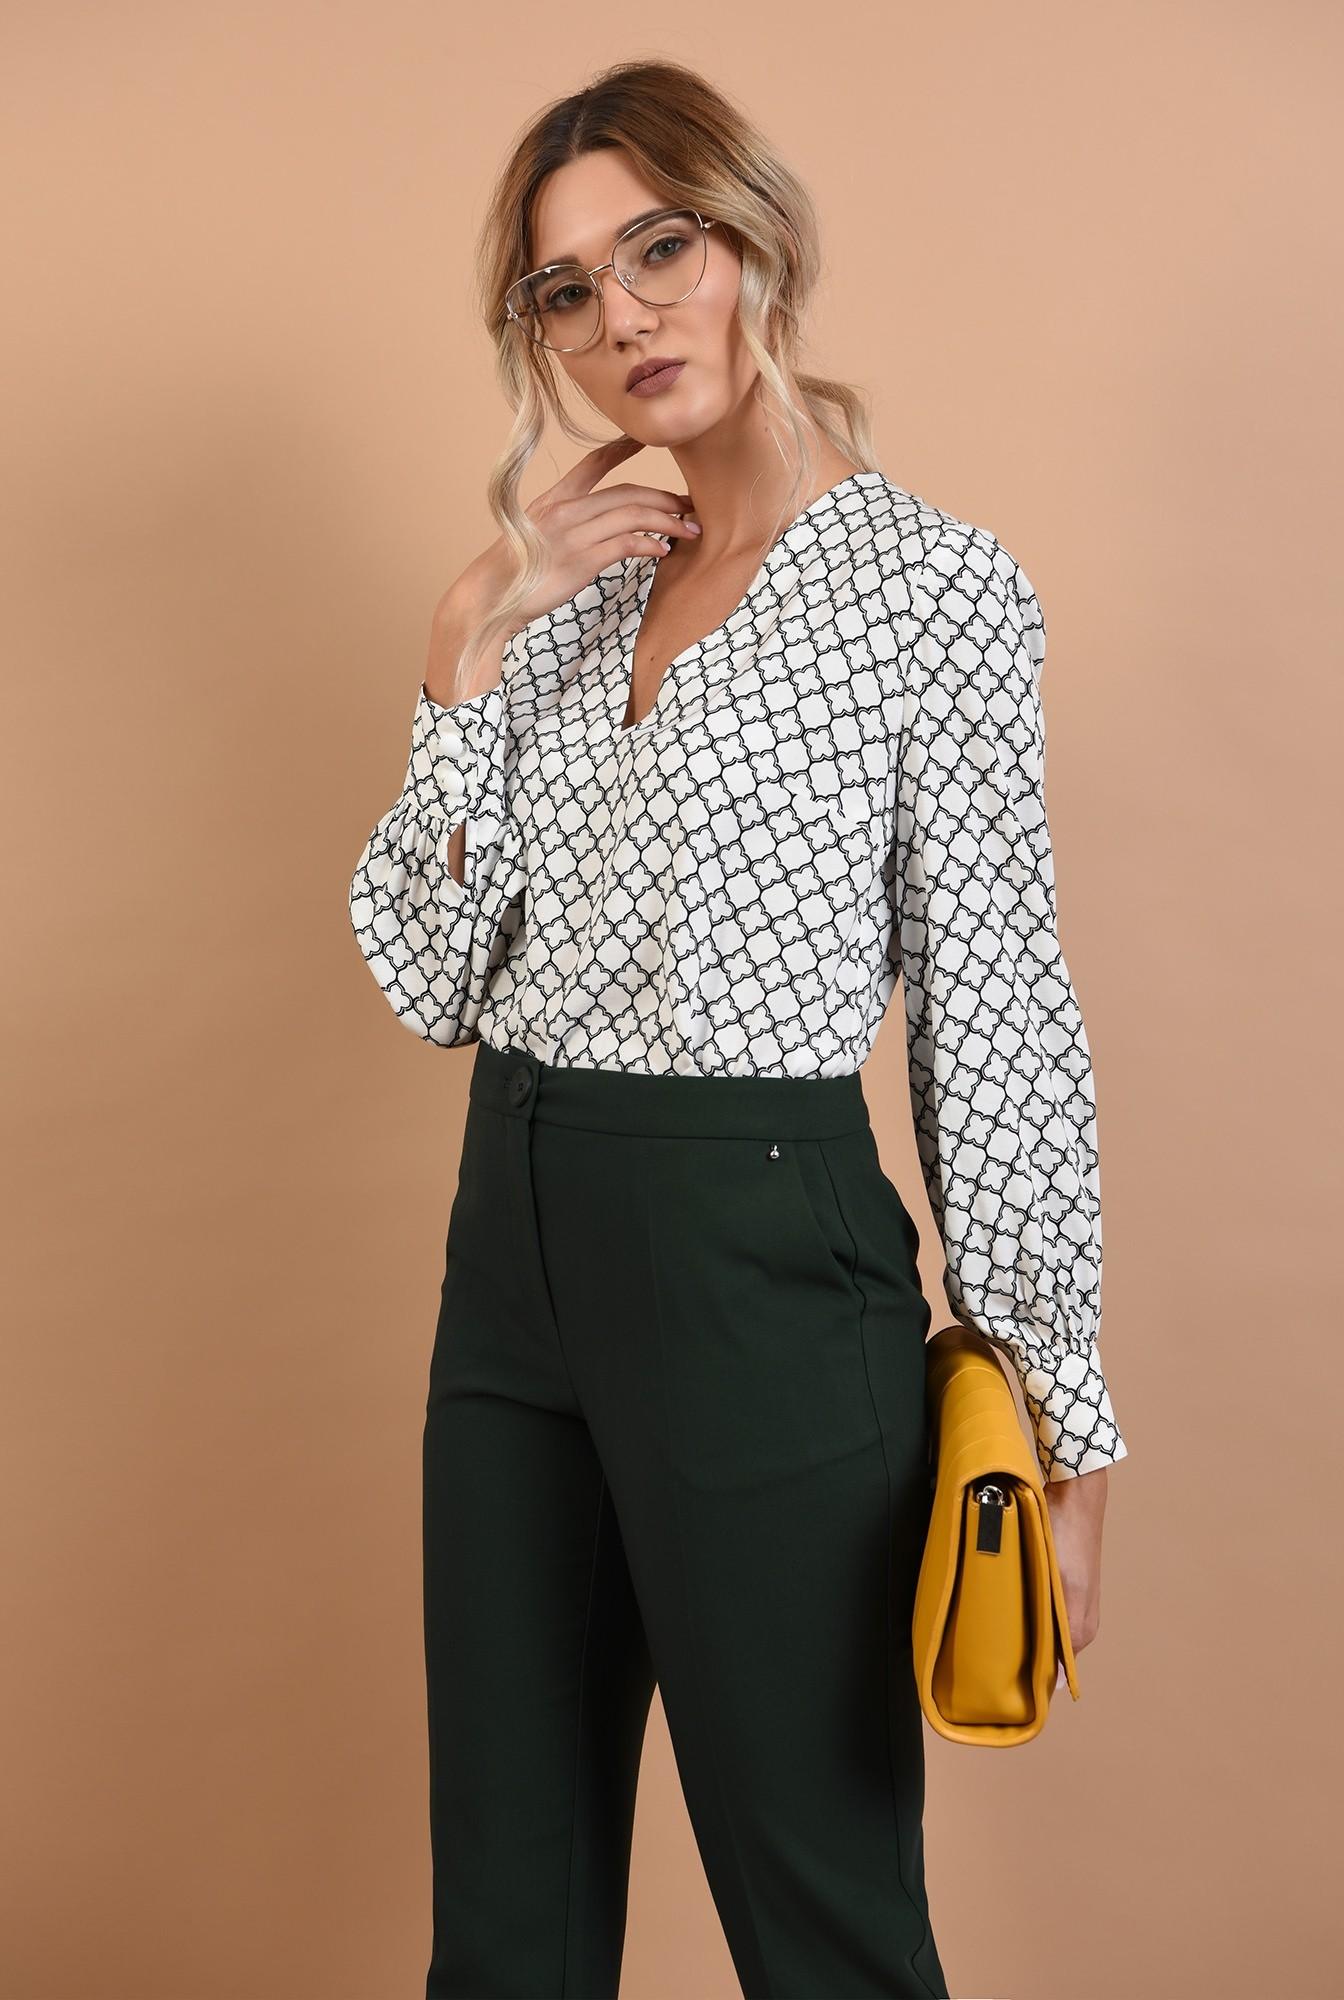 0 - bluza casual, cu anchior, imprimeu alb-negru, Poema